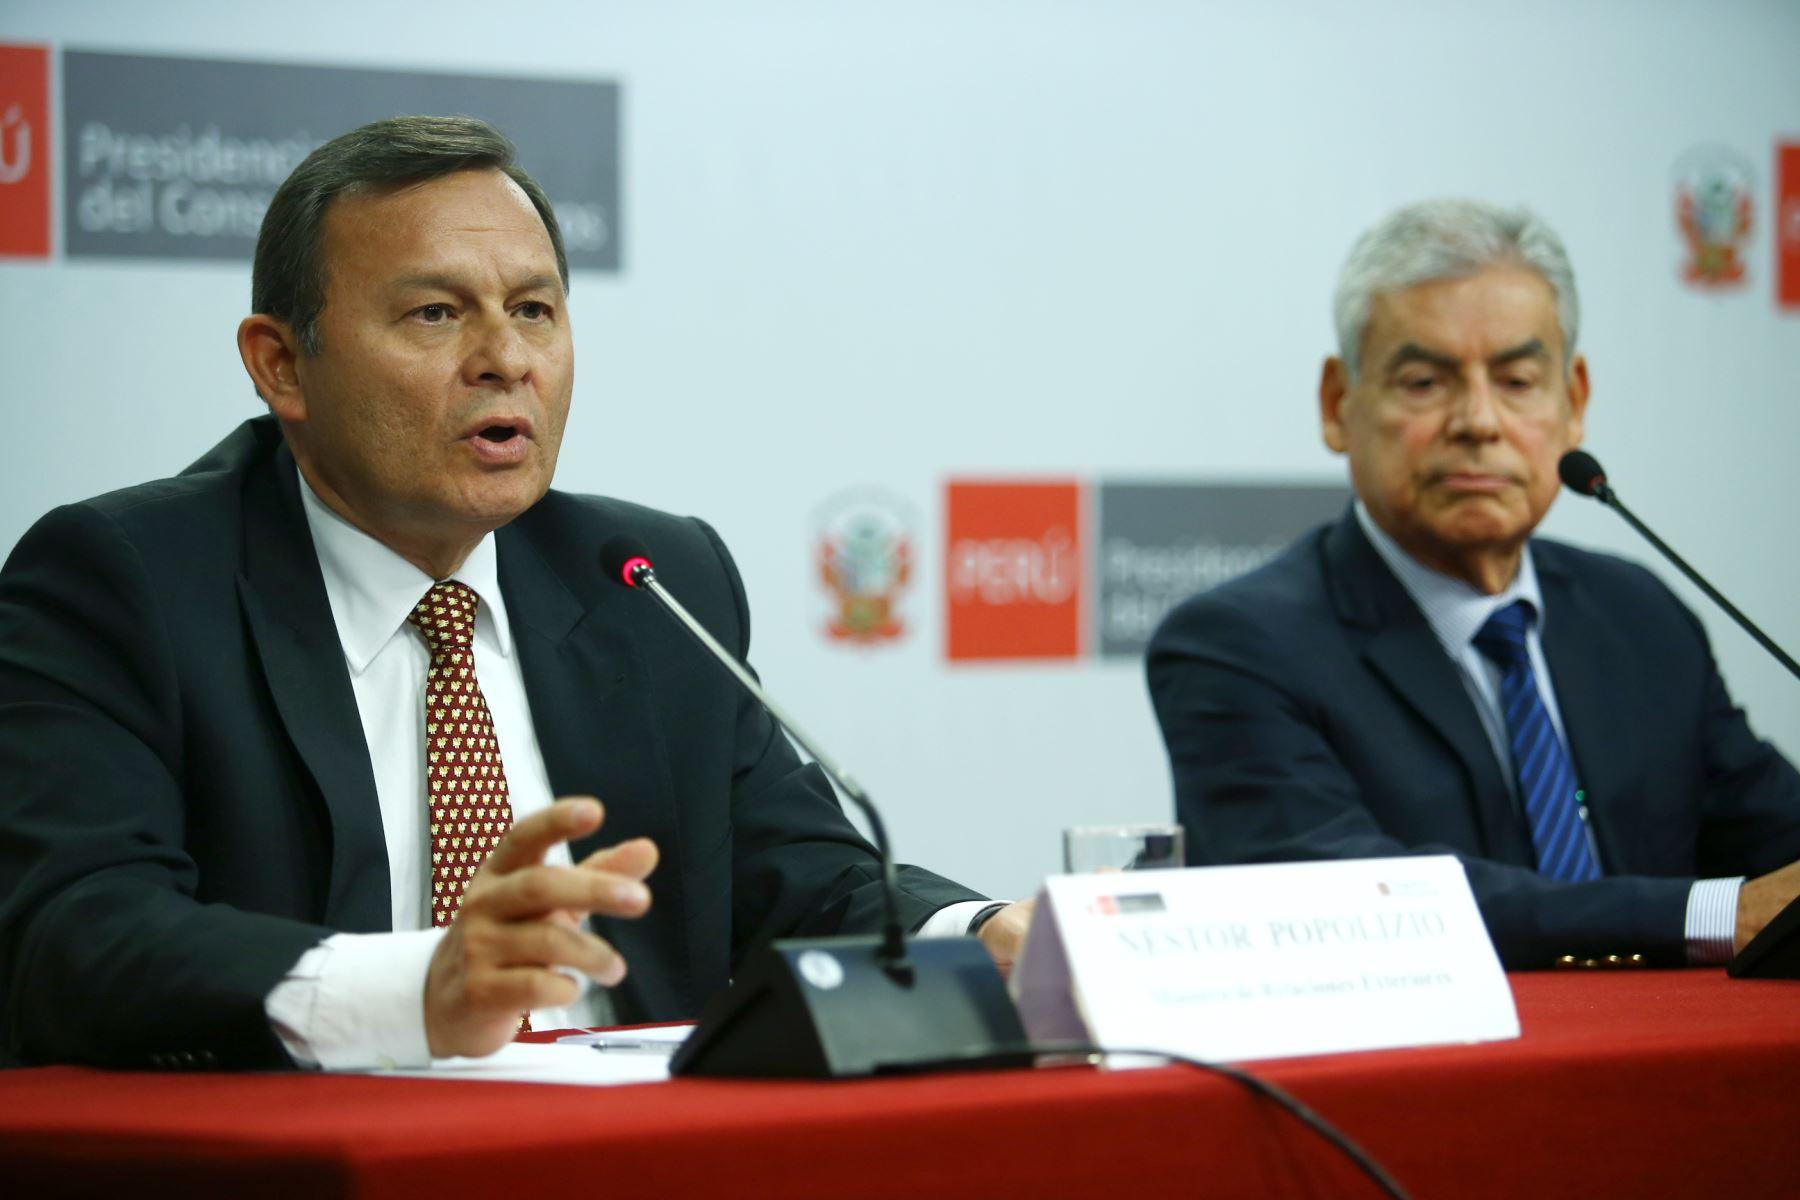 Ministro de Relaciones Exteriores, Néstor Popolizio durante la conferencia de prensa tras el primer consejo de ministros. Foto: ANDINA/Melina Mejía